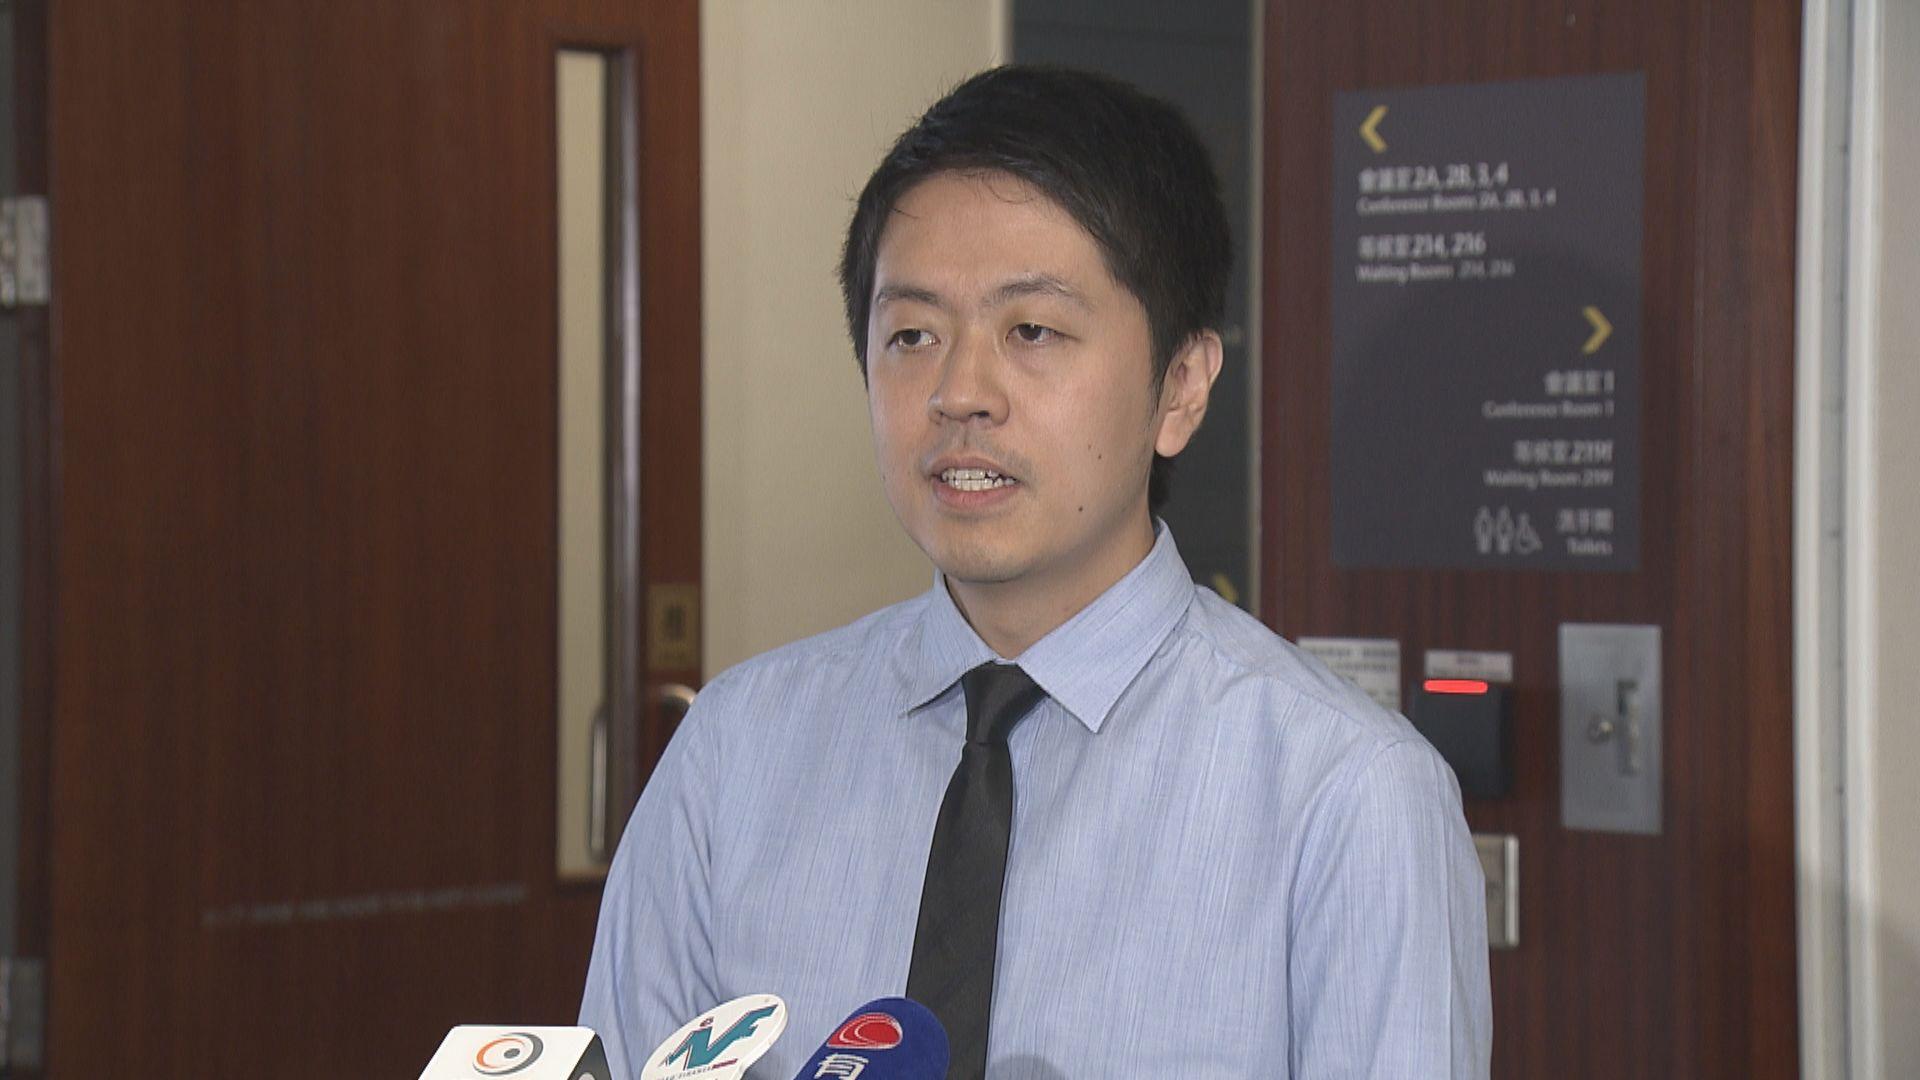 許智峯:國安法下建制派想用警權打壓議會抗爭